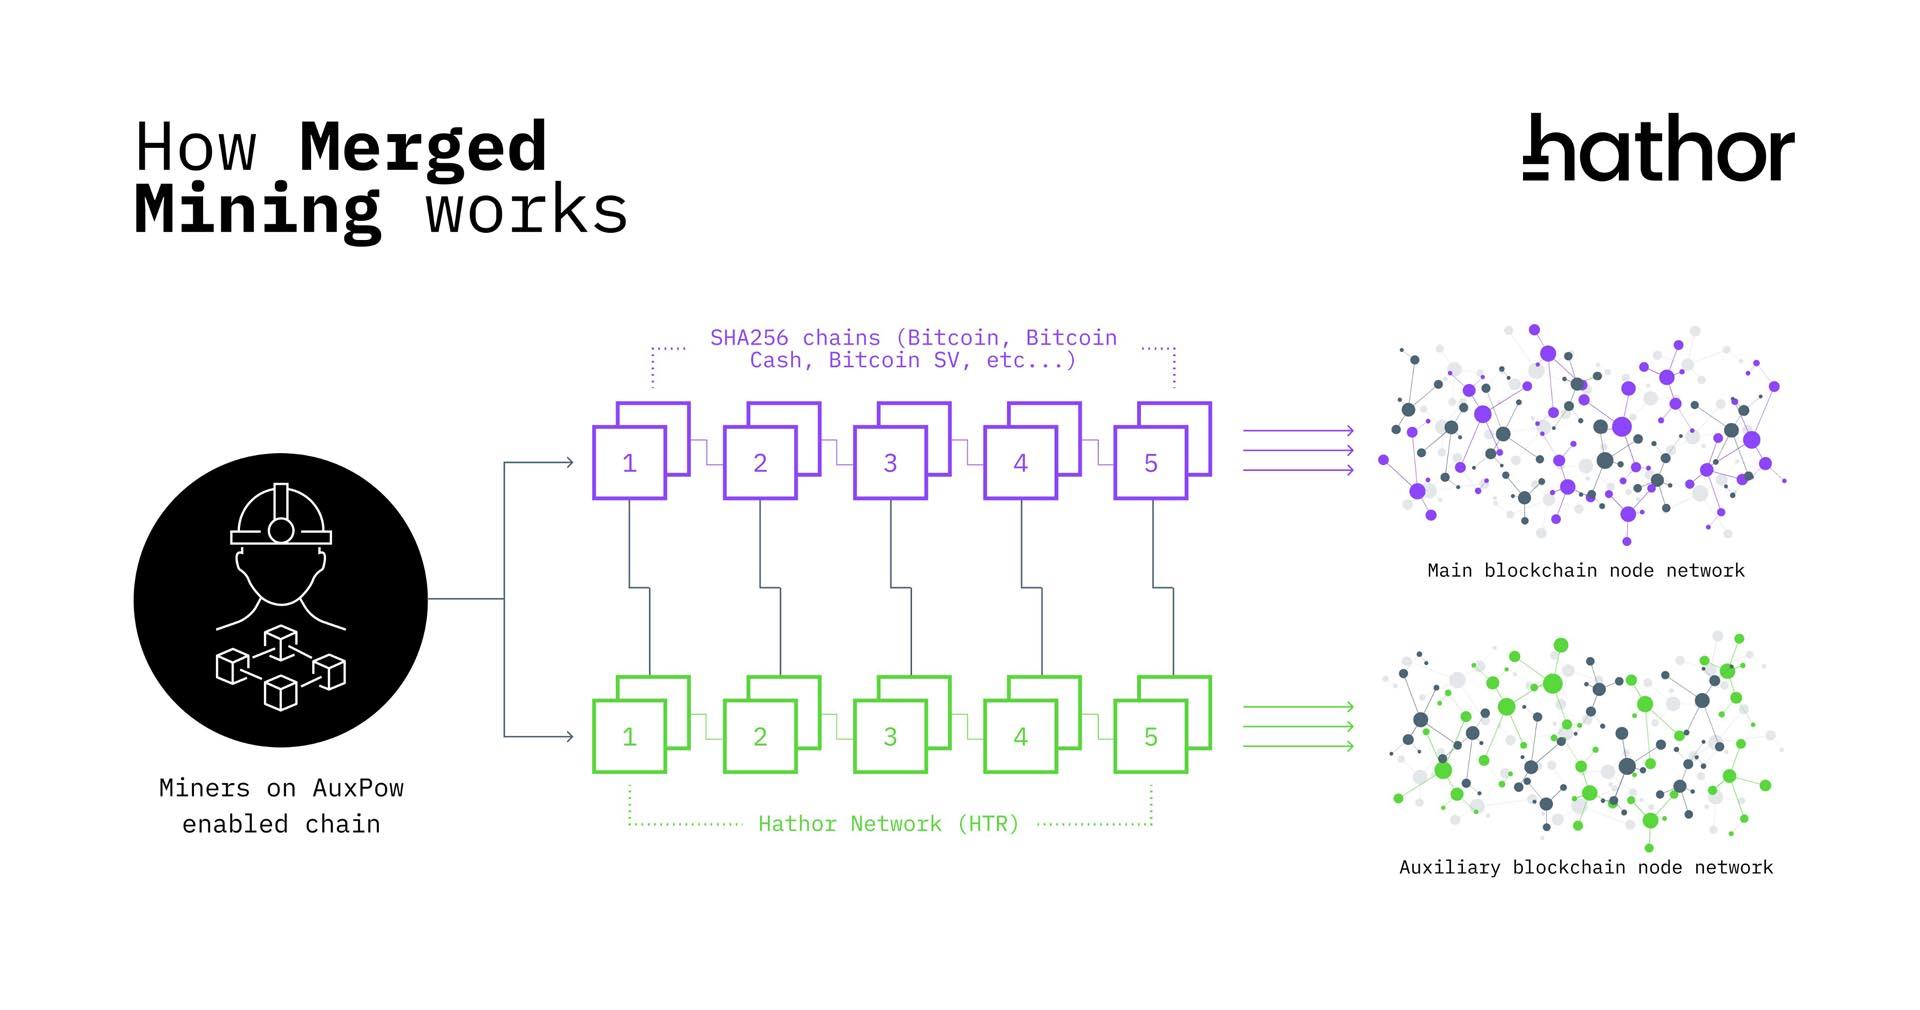 hathor network mining